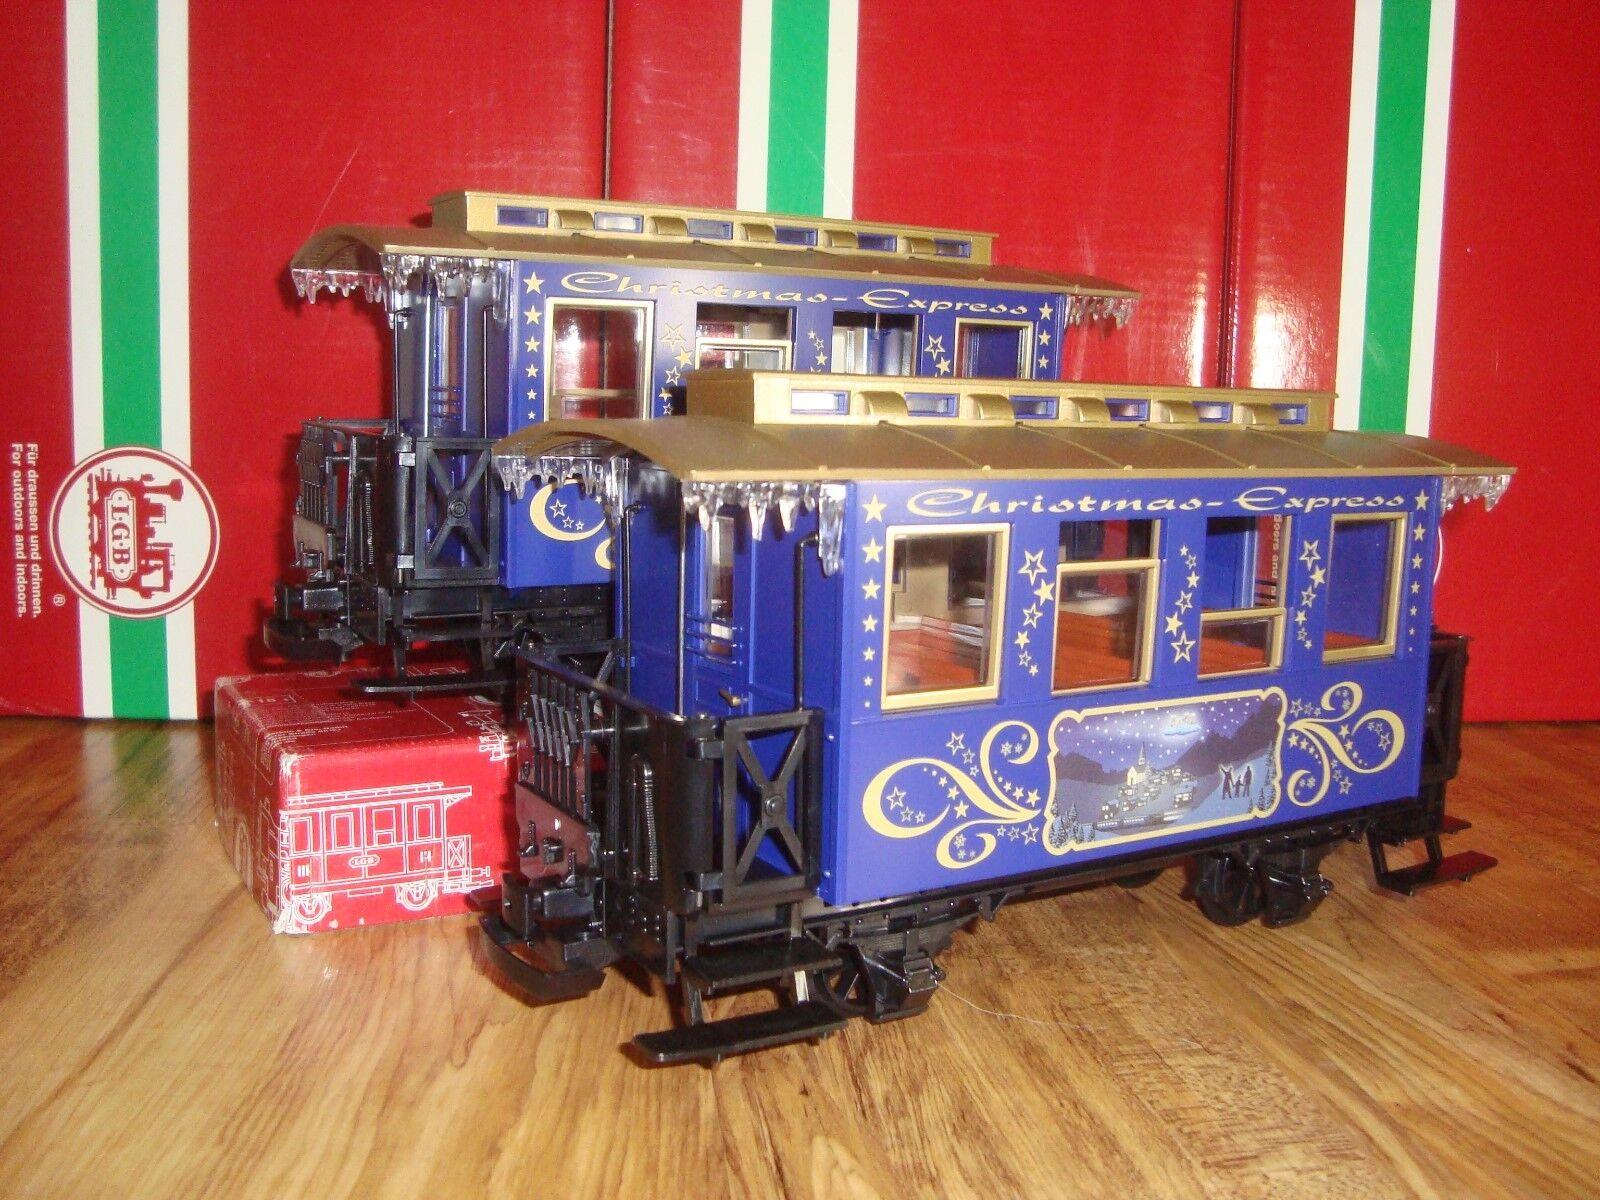 Lgb 72305 azul, 2 paquetes de de de autobuses de Navidad. c24